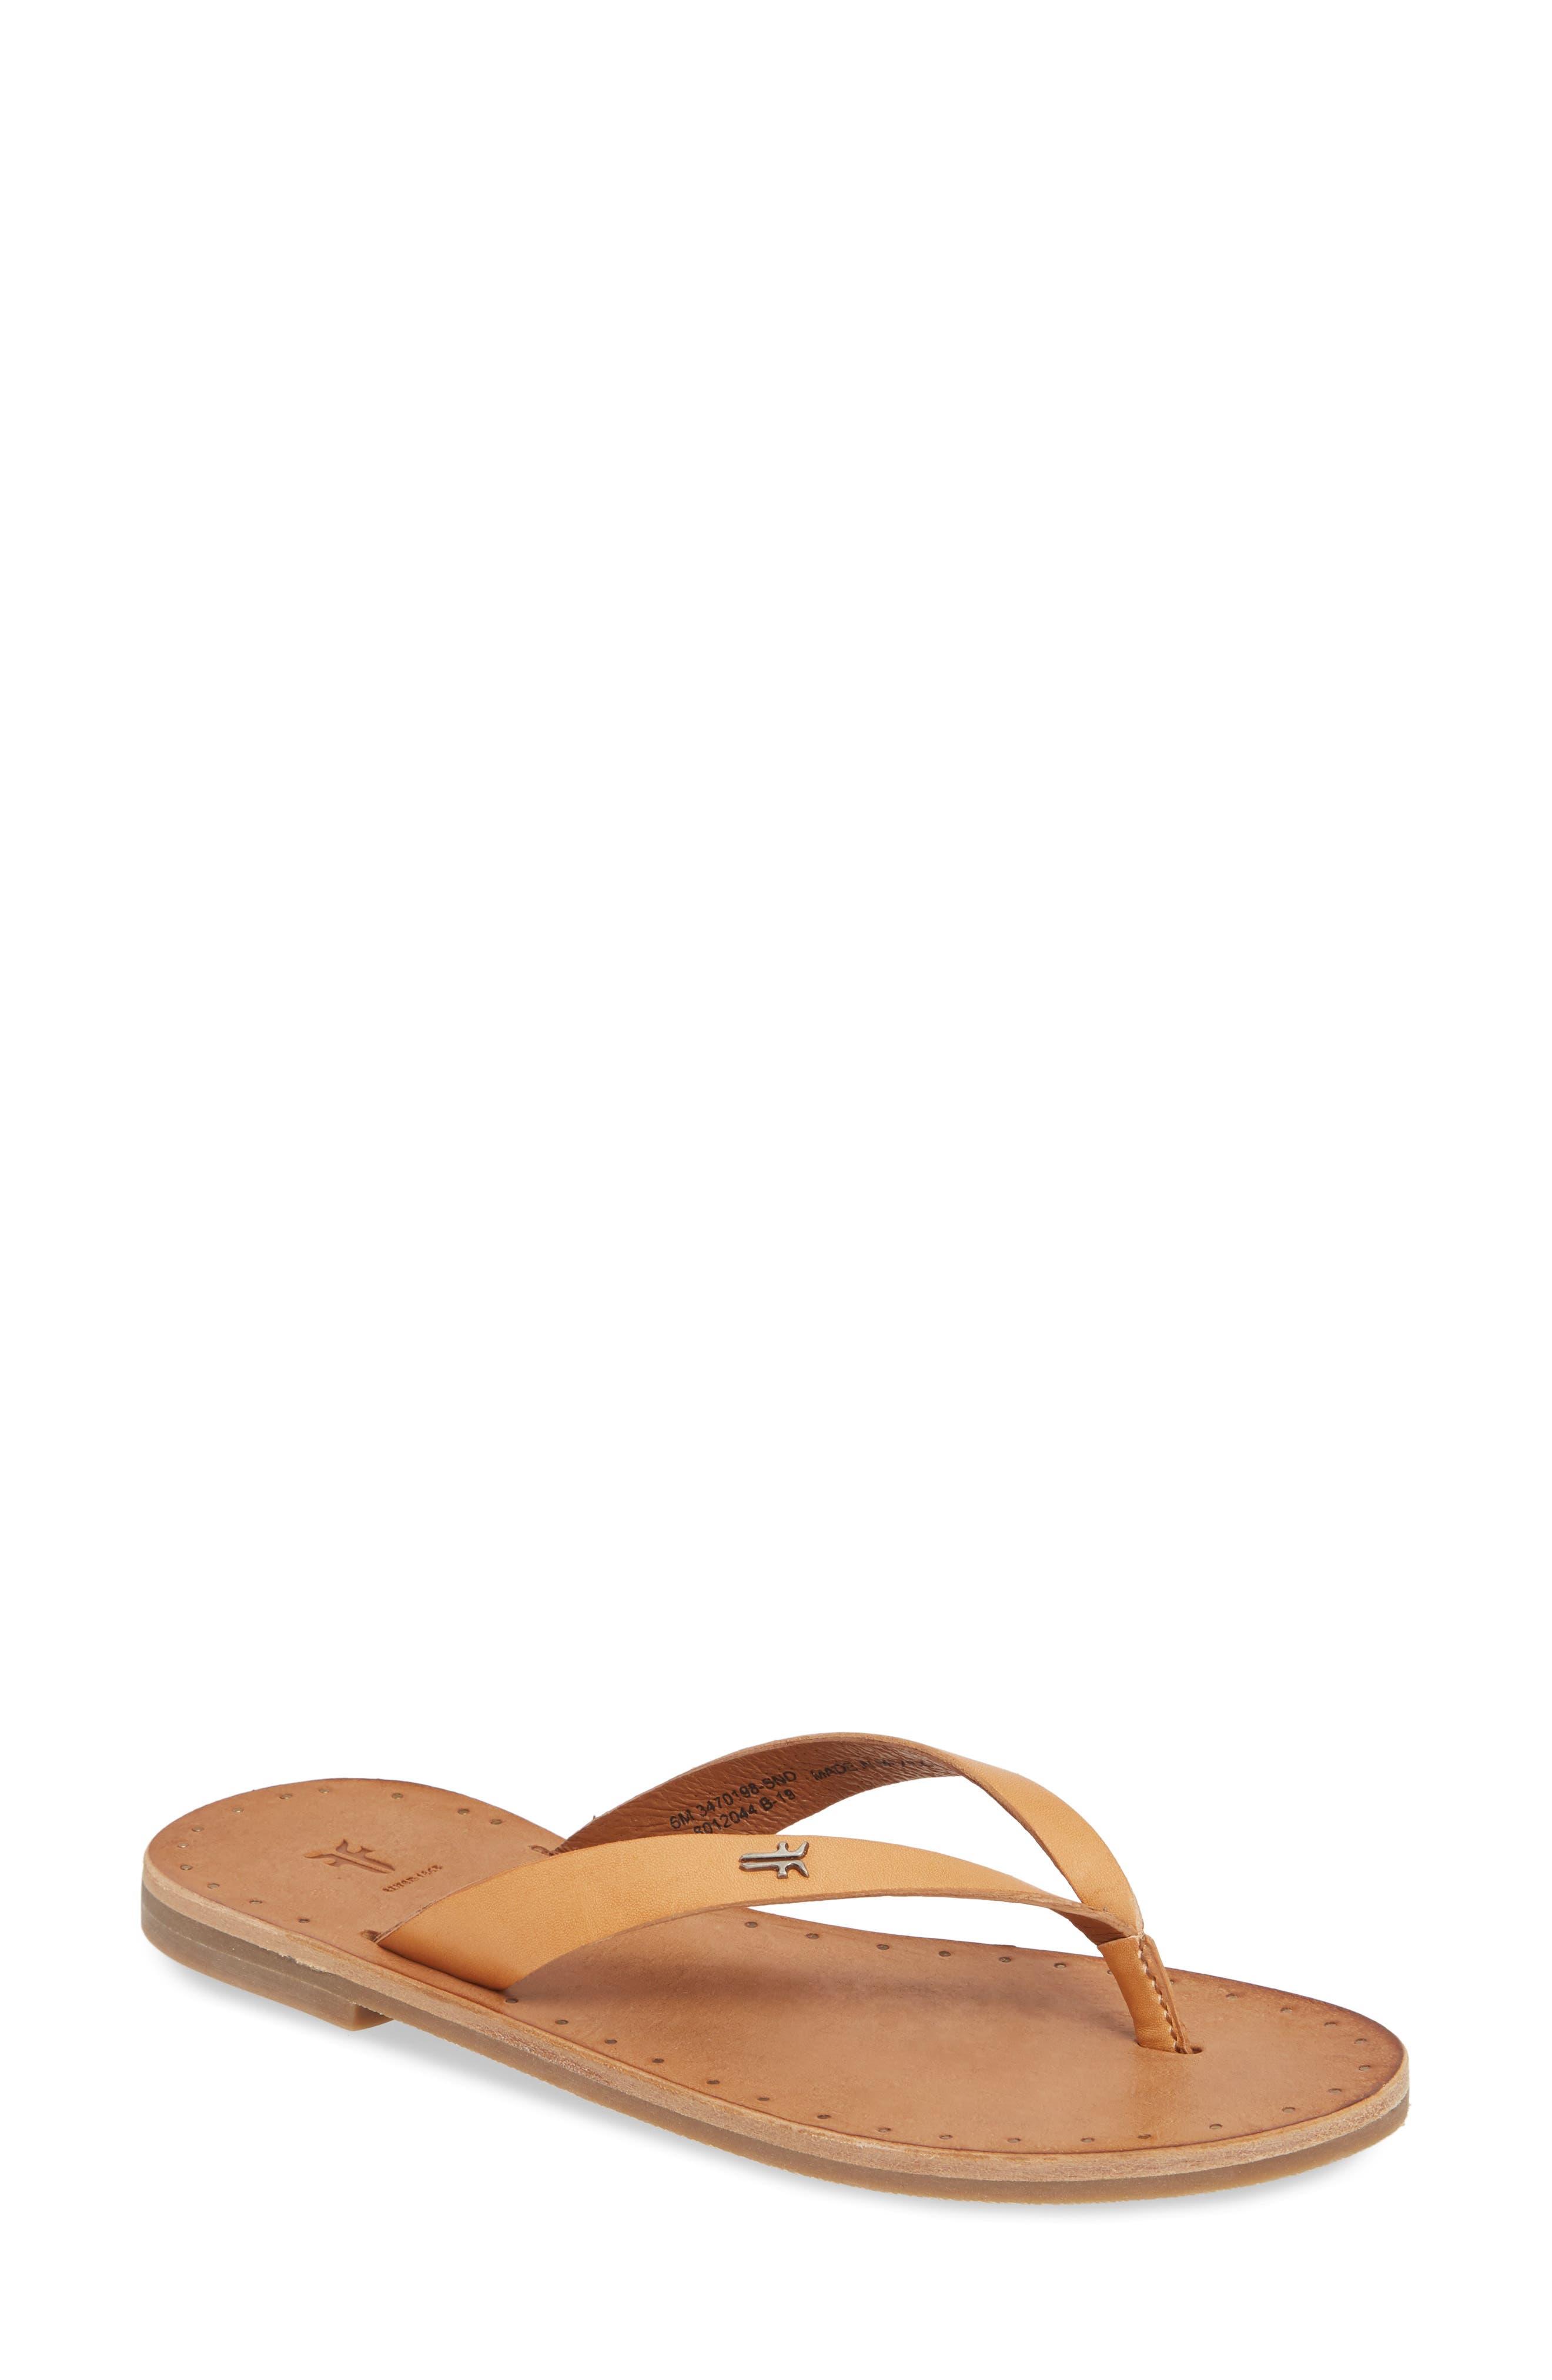 Frye Azalea Flip Flop, Brown